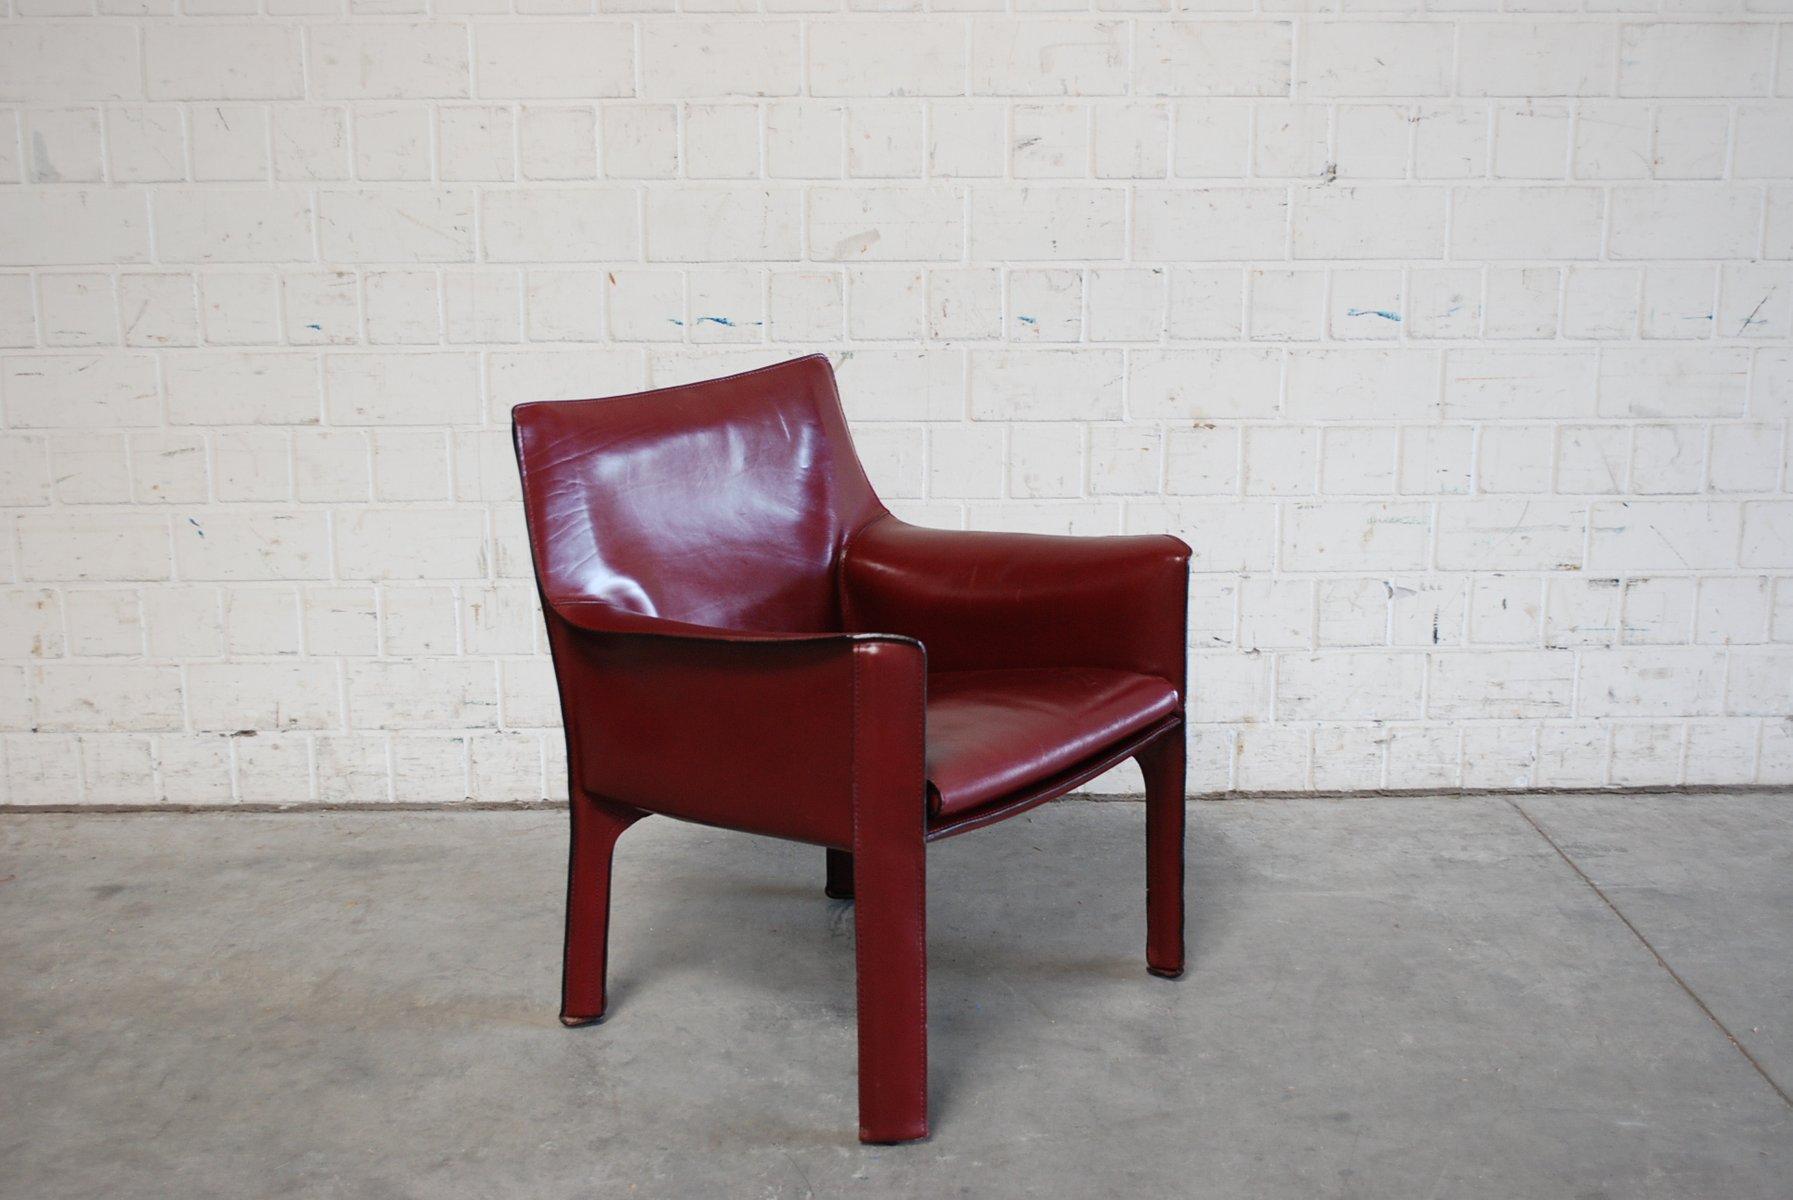 cassina stuhl leder cool lc sessel gestell chrom cassina with cassina stuhl leder stunning. Black Bedroom Furniture Sets. Home Design Ideas